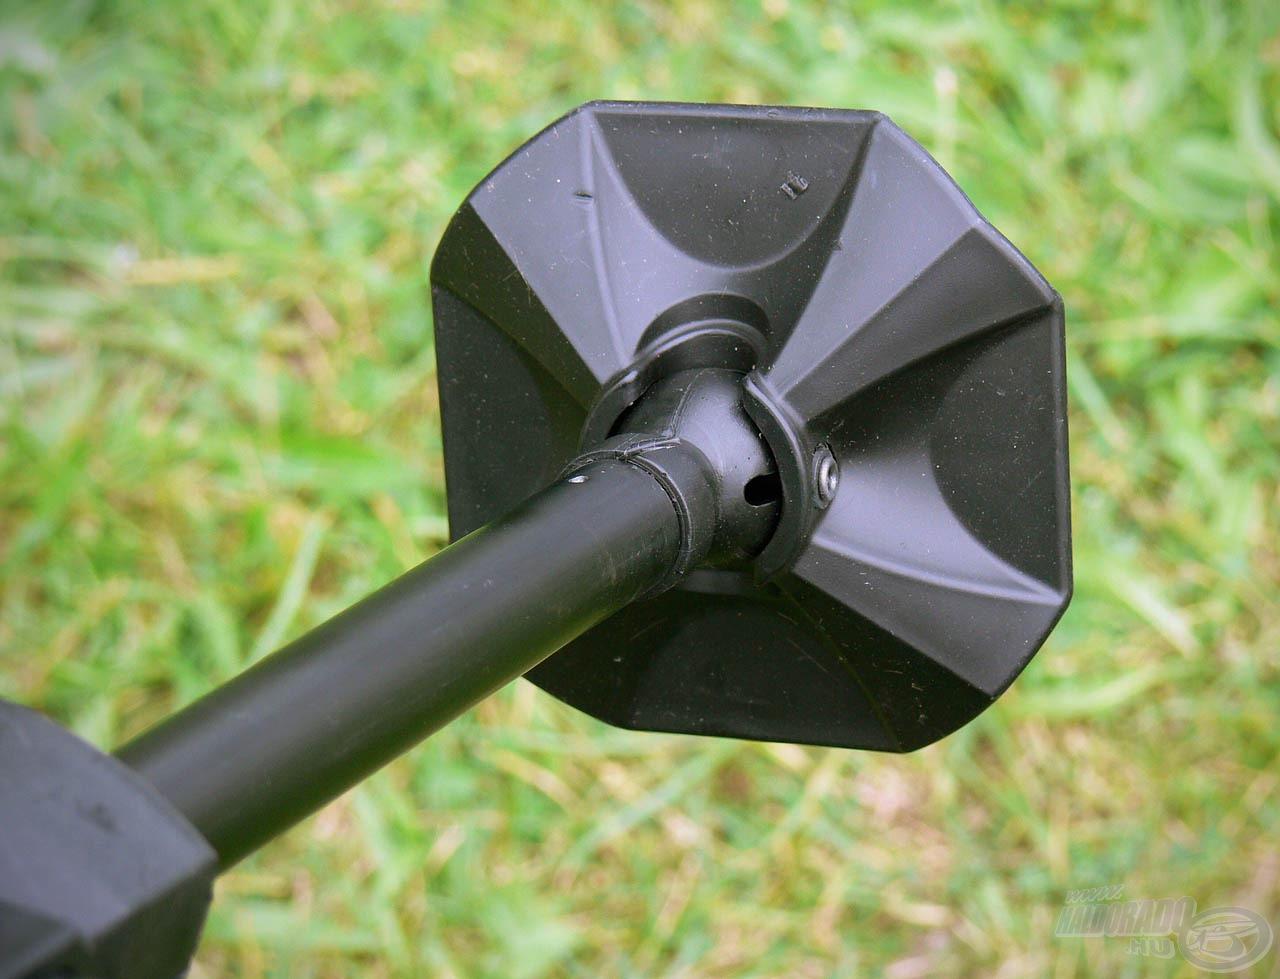 A 25 mm-es, kör keresztmetszetű, teleszkópos lábak végén extra nagy billenő talpak találhatók, melyek remekül alkalmazkodnak az egyeletlen talajhoz is és nem süppednek el akkor sem, ha laza szerkezetű az aljzat